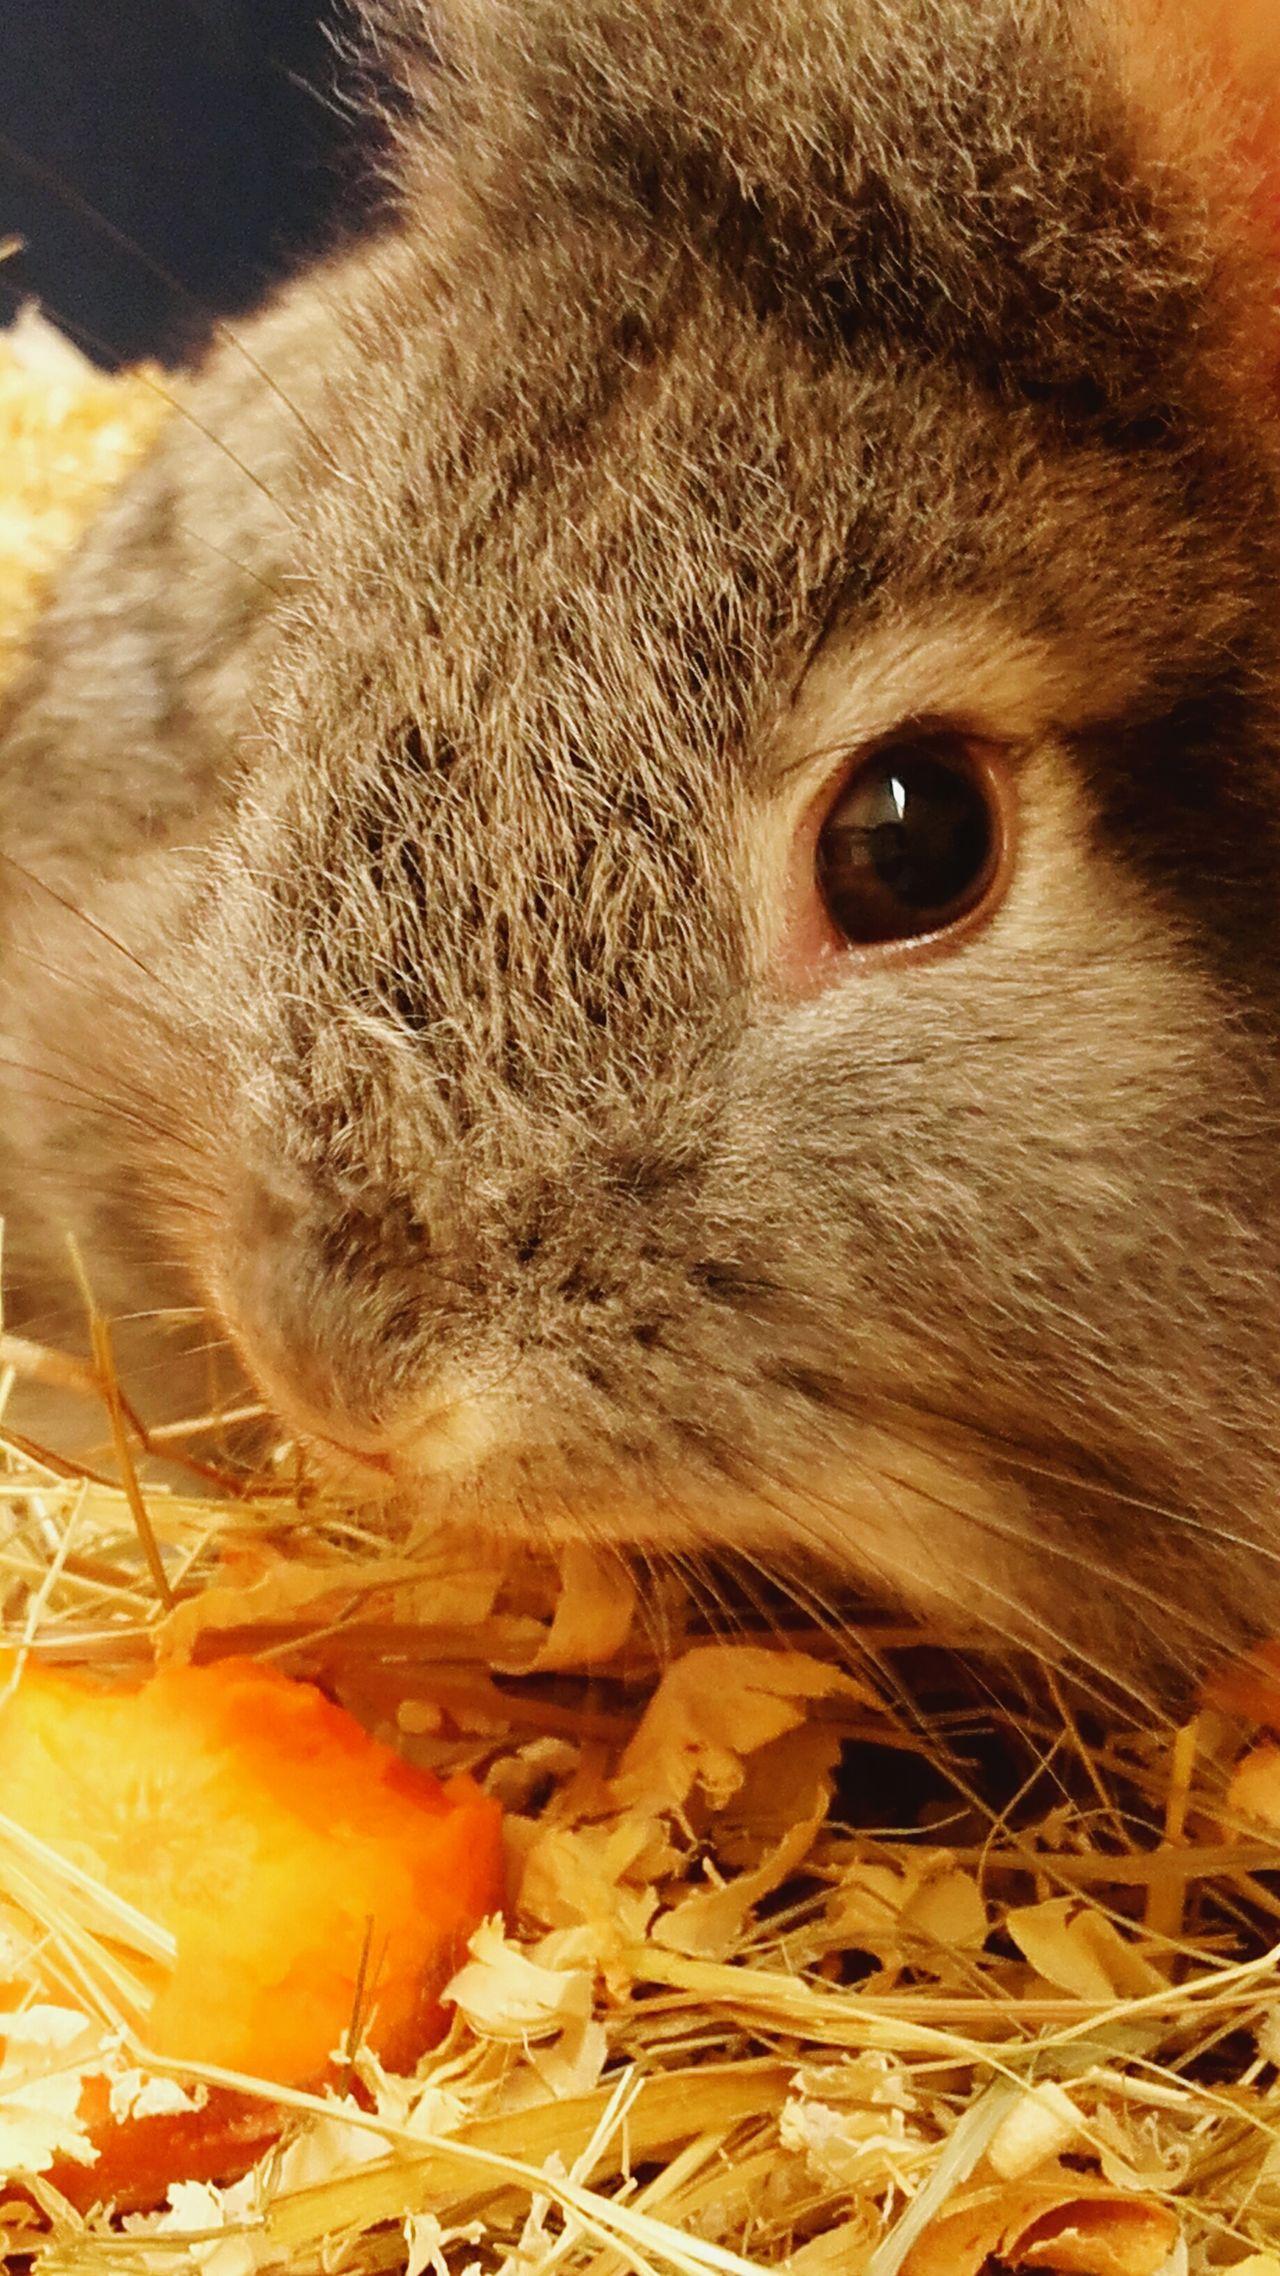 Rabbits 🐇 Rabbits Rabbit ❤️ Animals